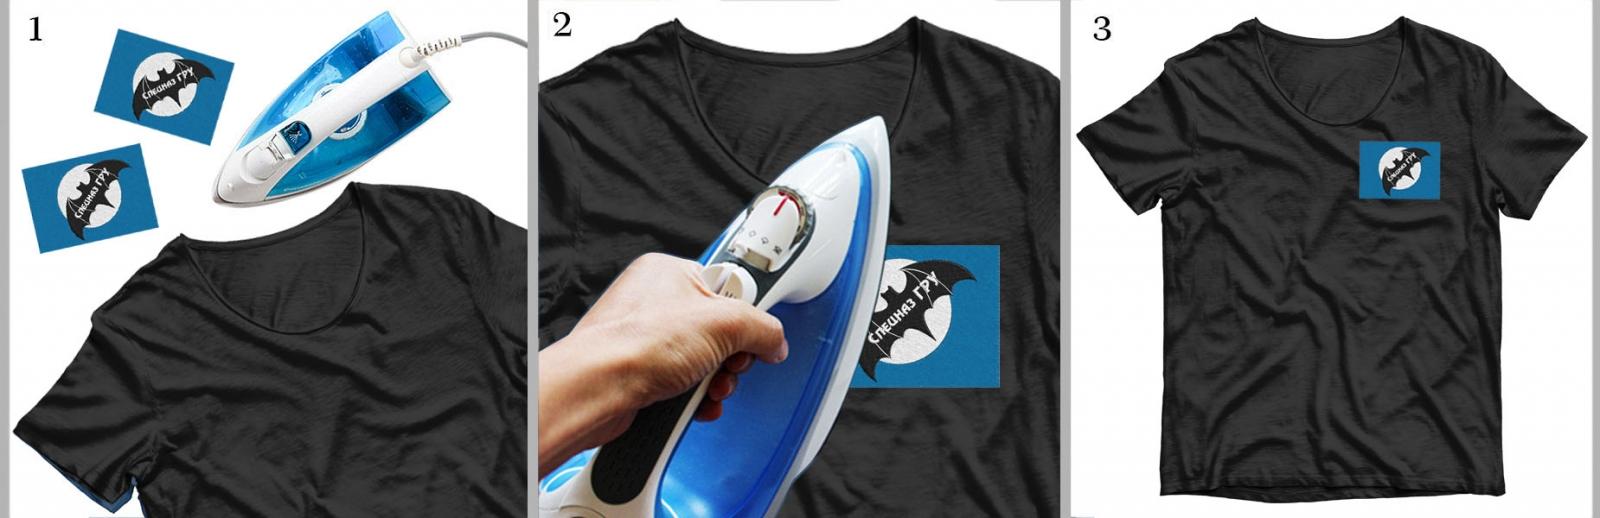 """Нашивка ГРУ """"Летучая мышь"""" на футболке"""